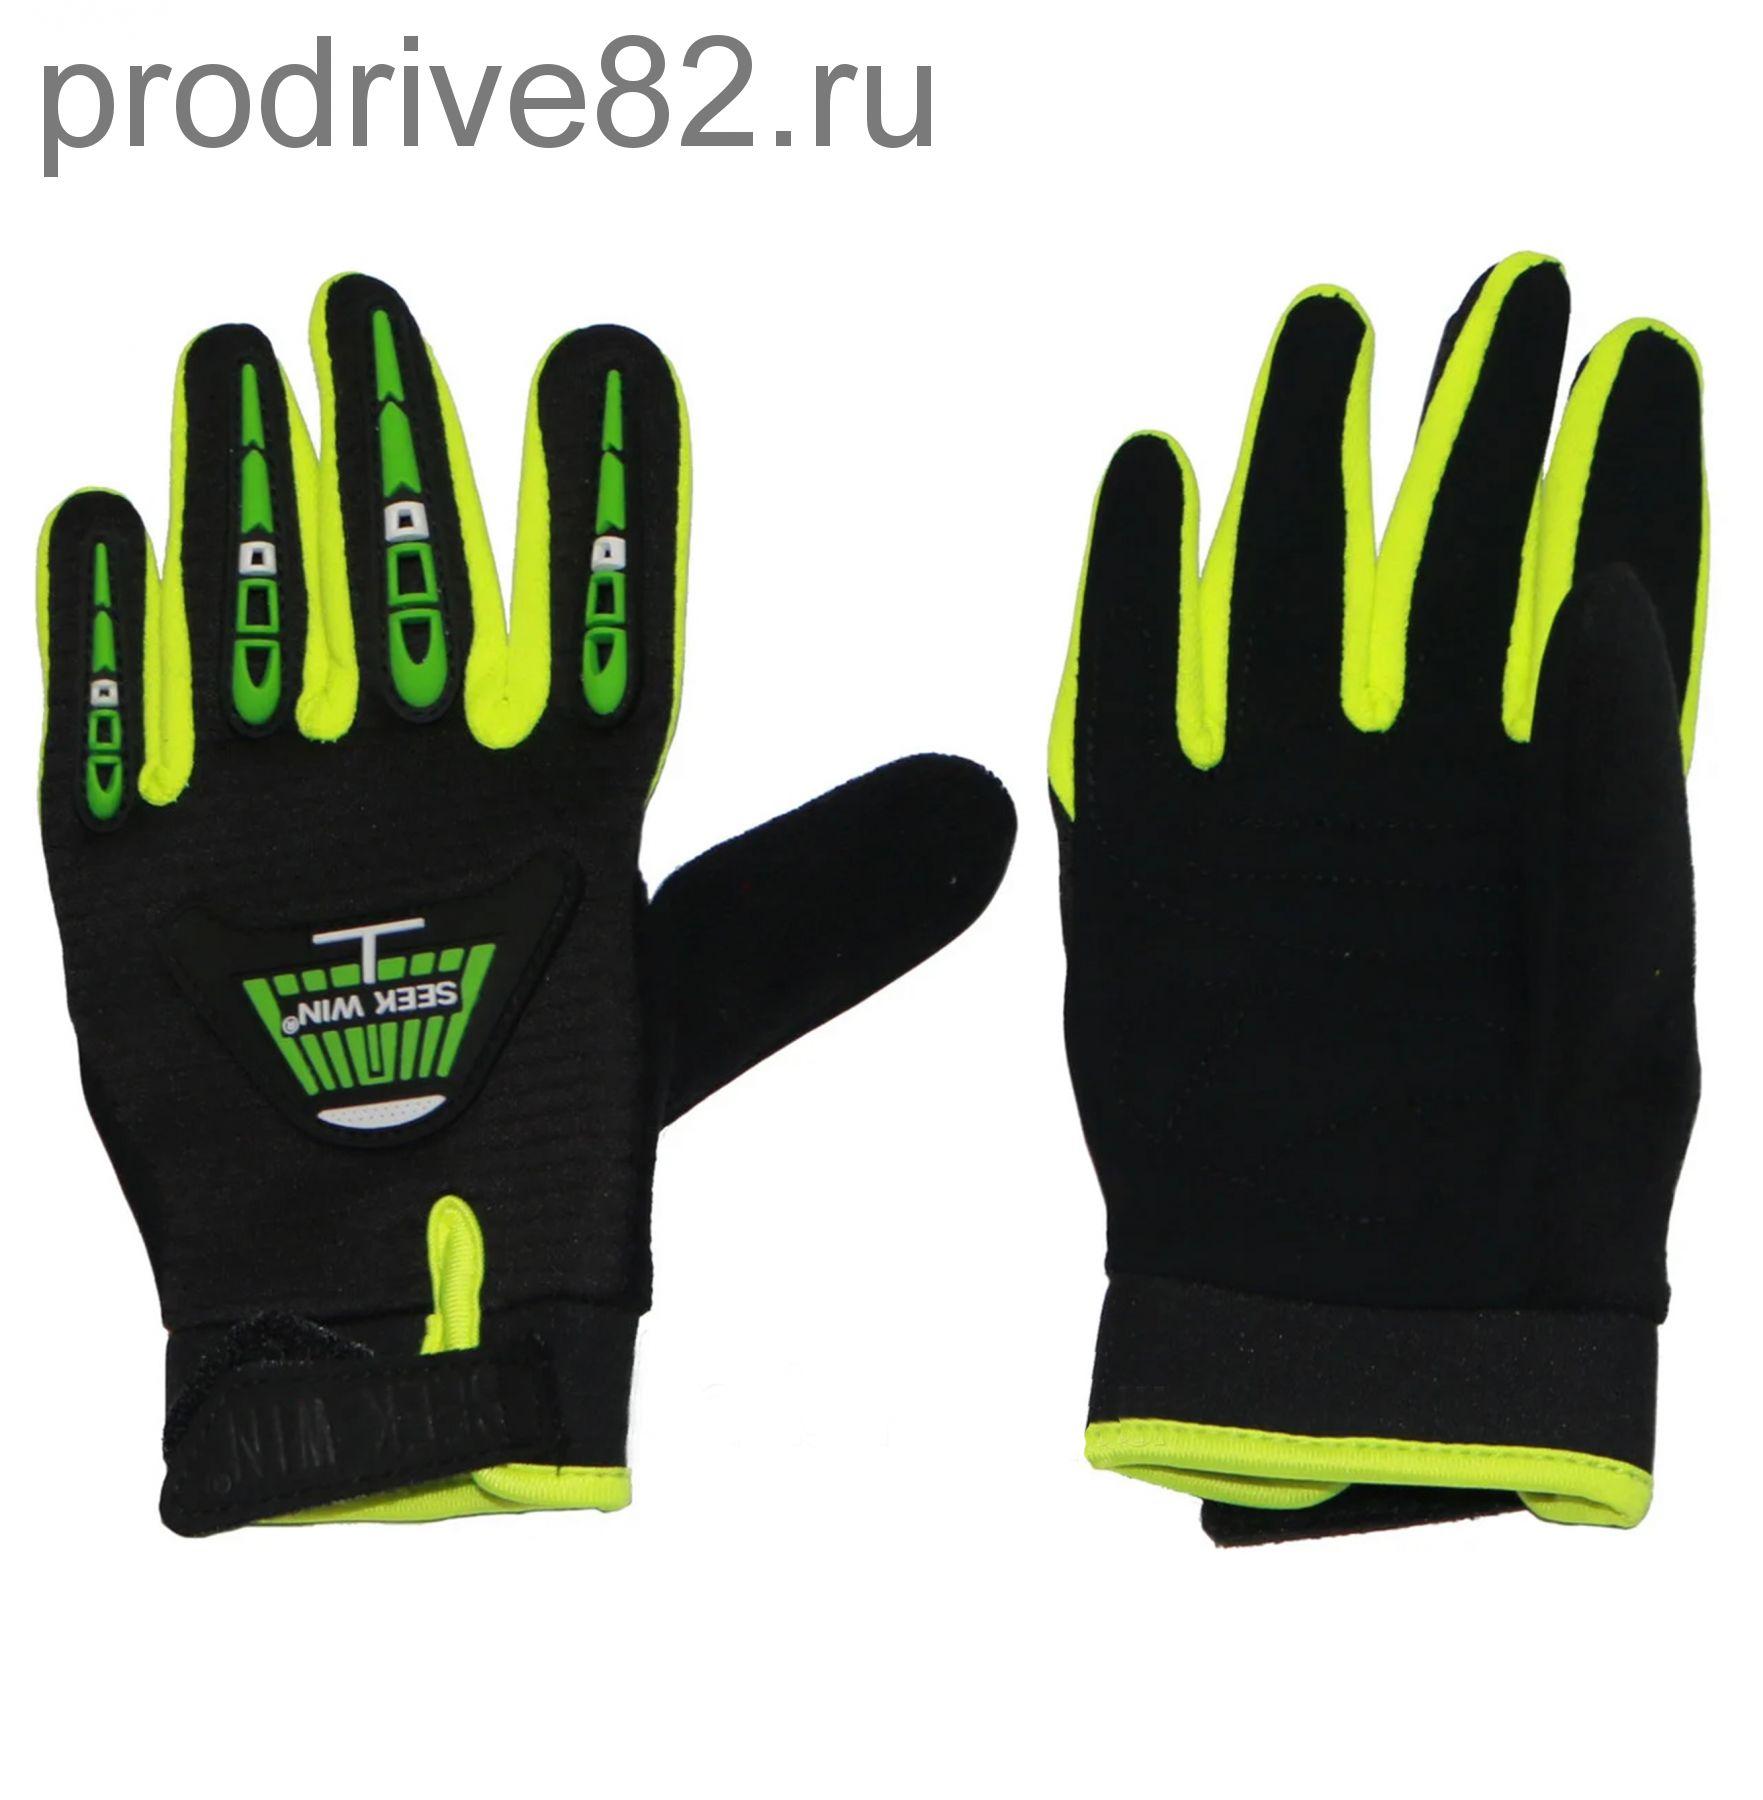 Детские перчатки SEEKWIN без кулака зелено-черные